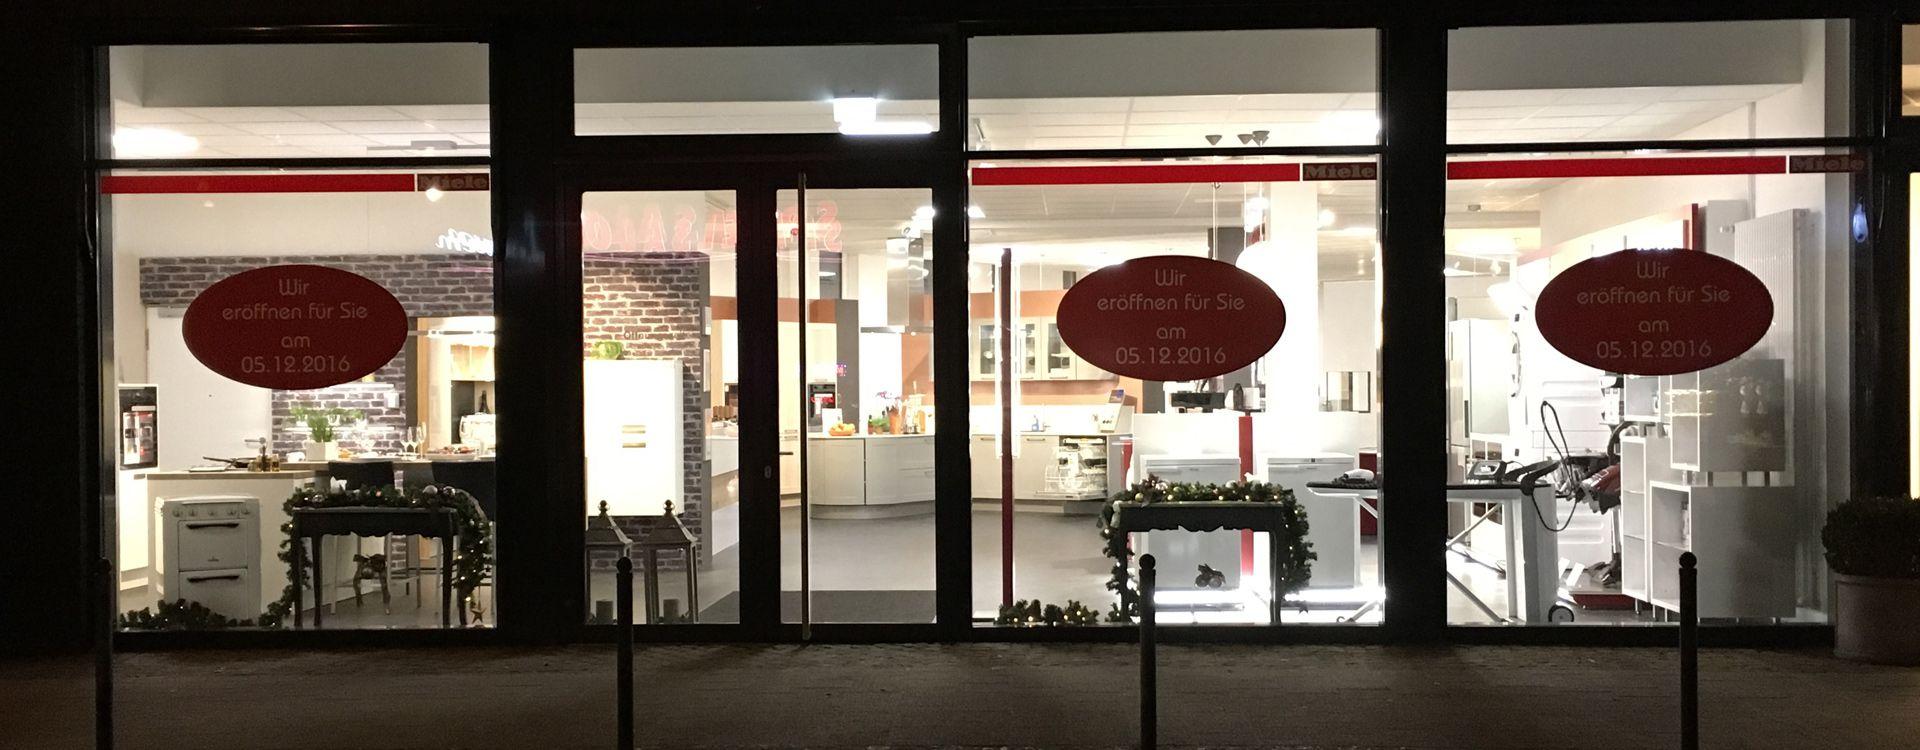 kuechenguide.com-kuechenzeile-studio